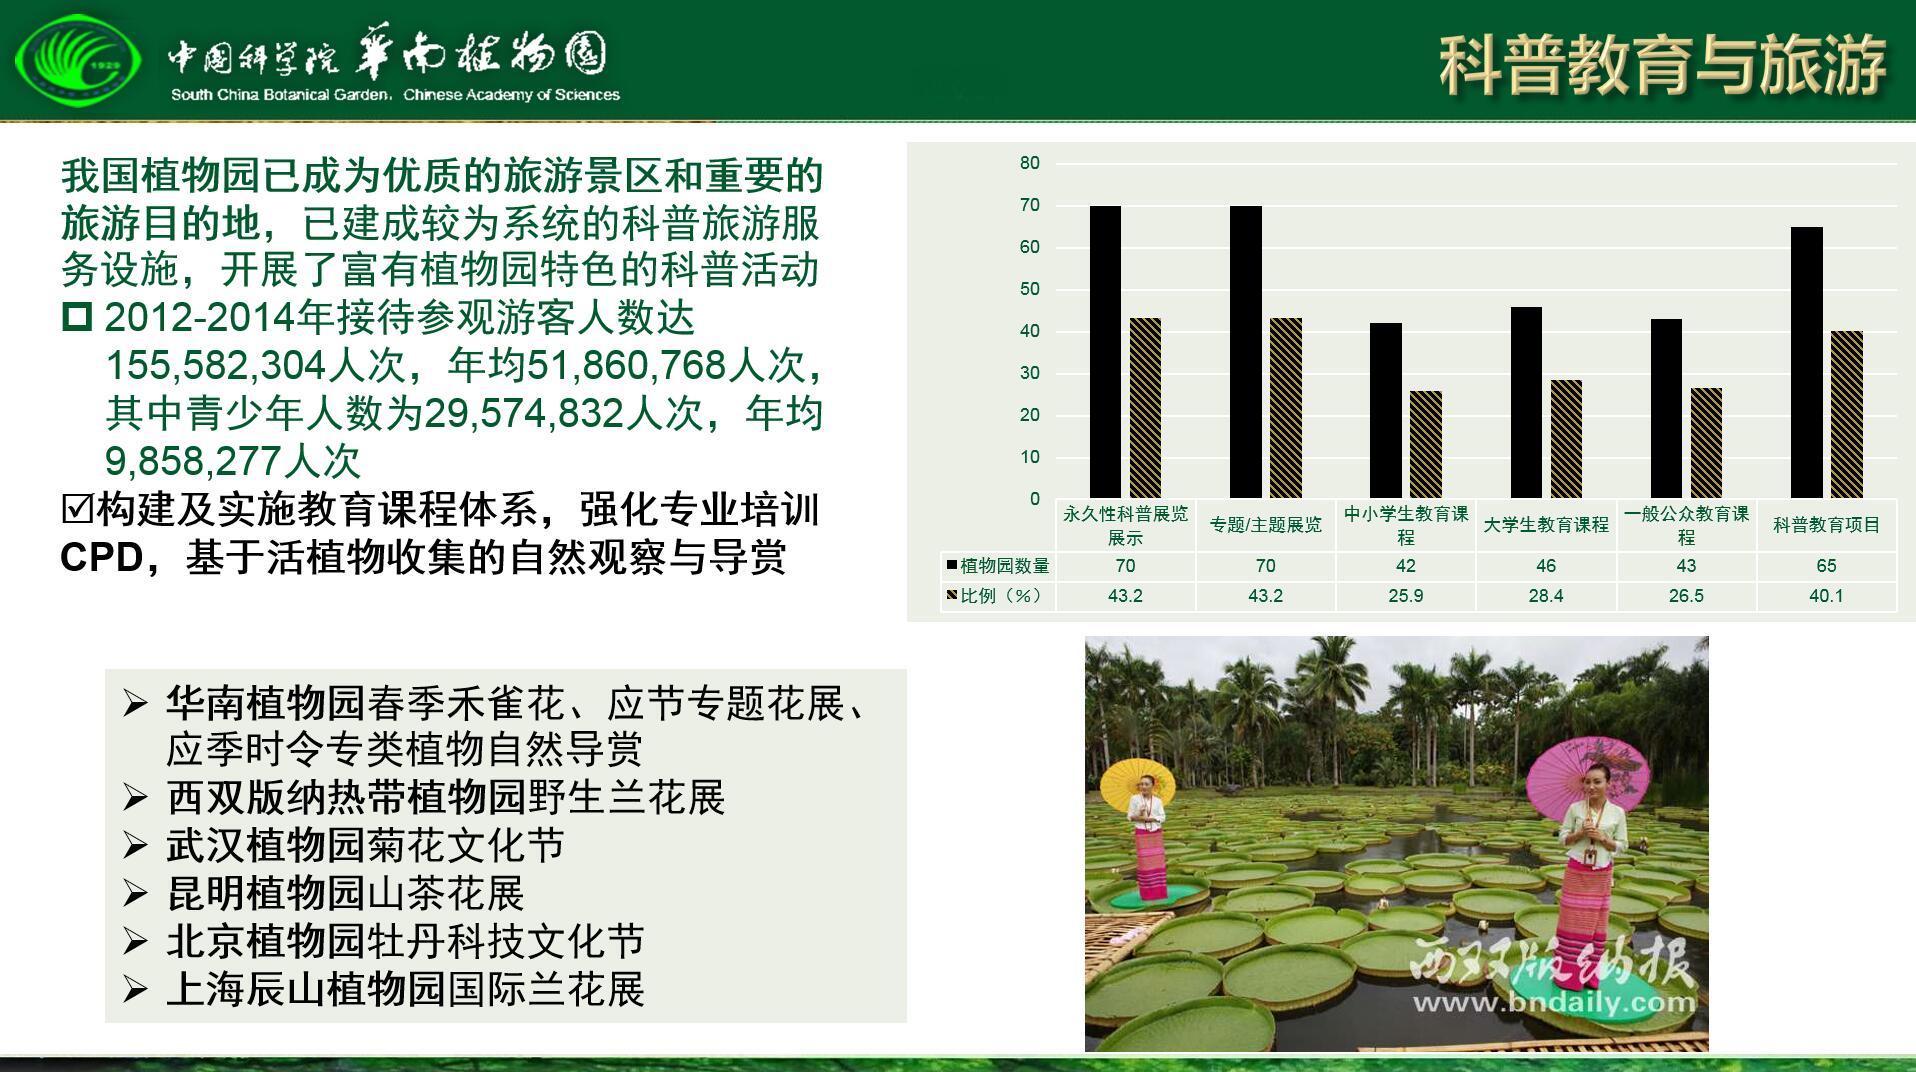 图9 中国植物园科普教育与旅游.jpg